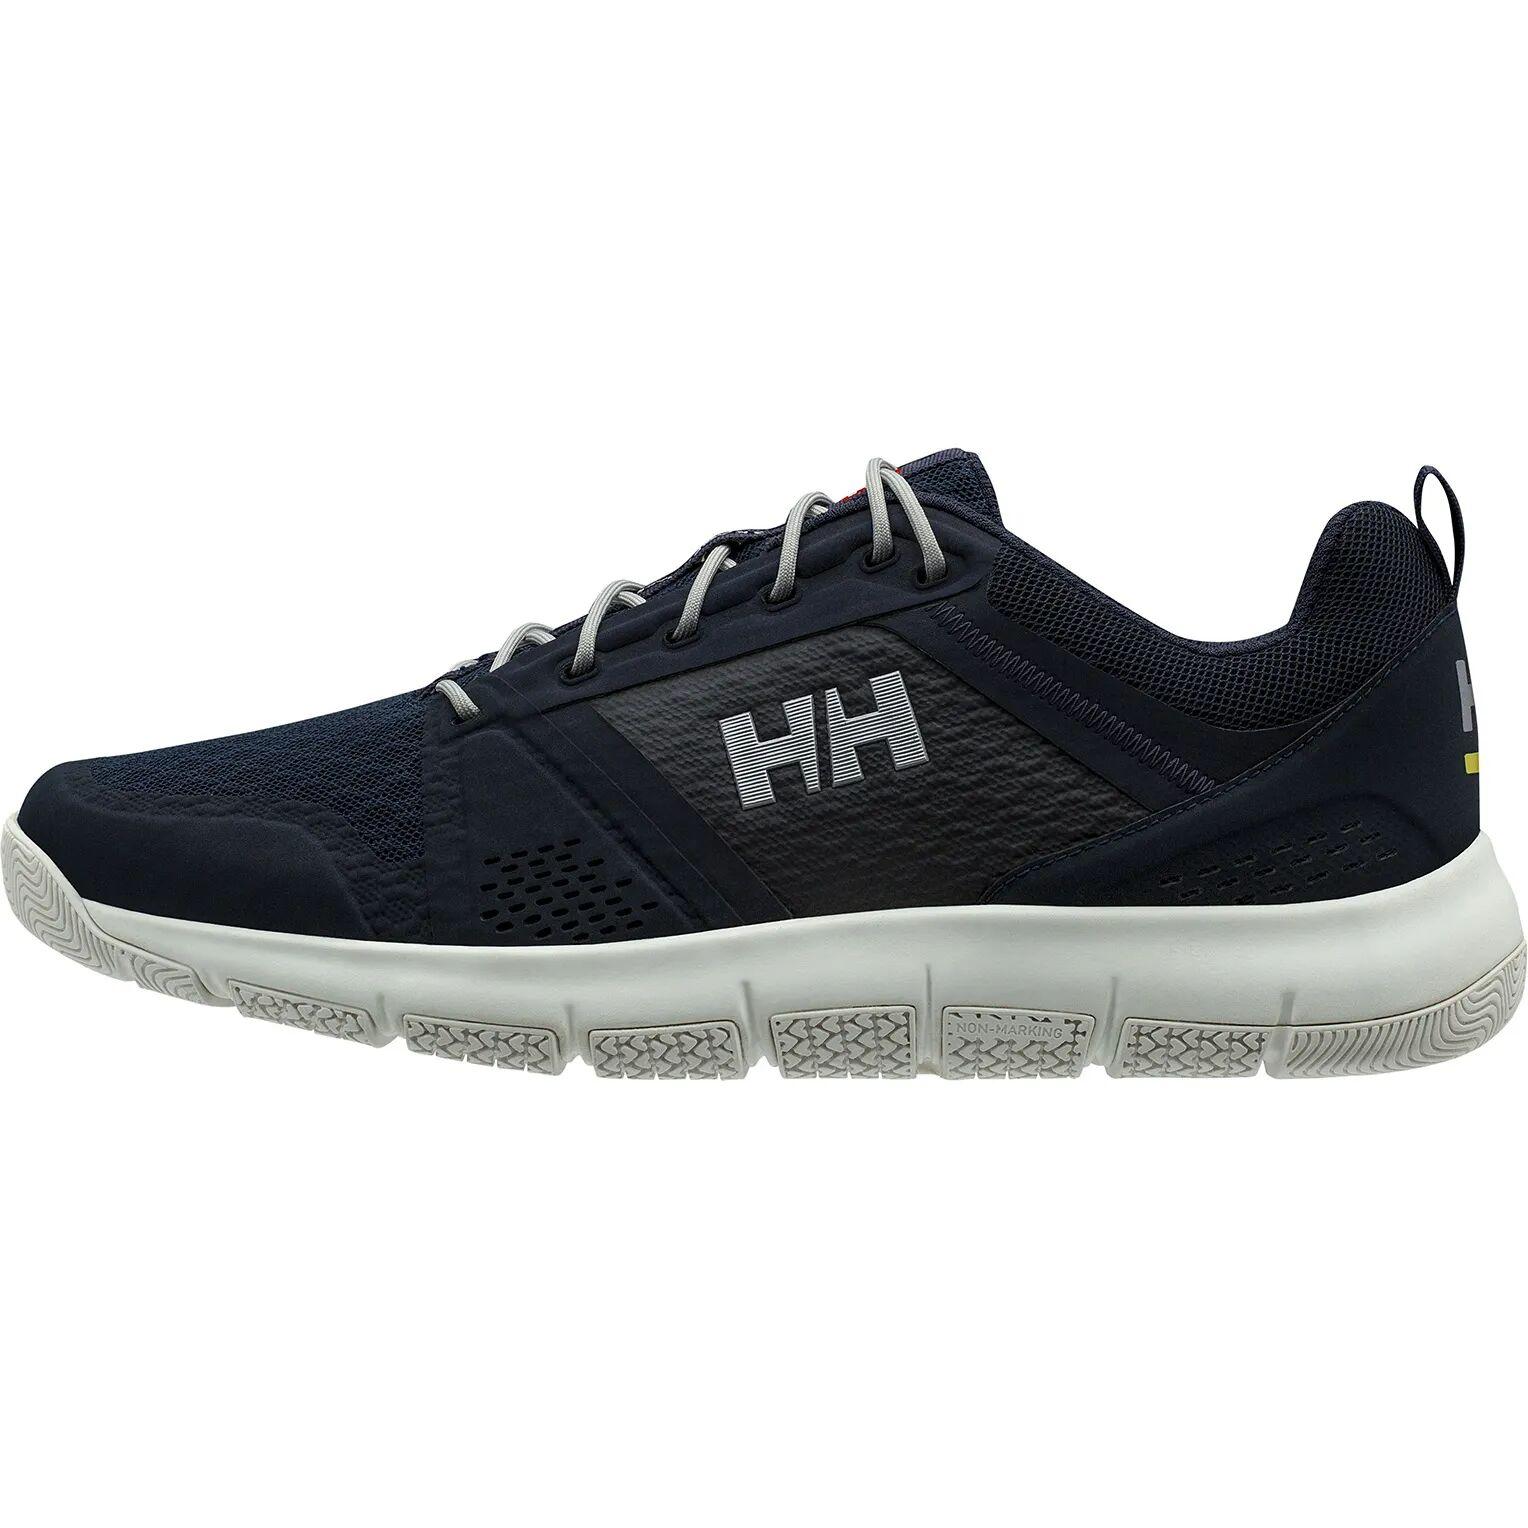 Helly Hansen Skagen F1 Offshore Sailing Shoe Navy 44.5/10.5